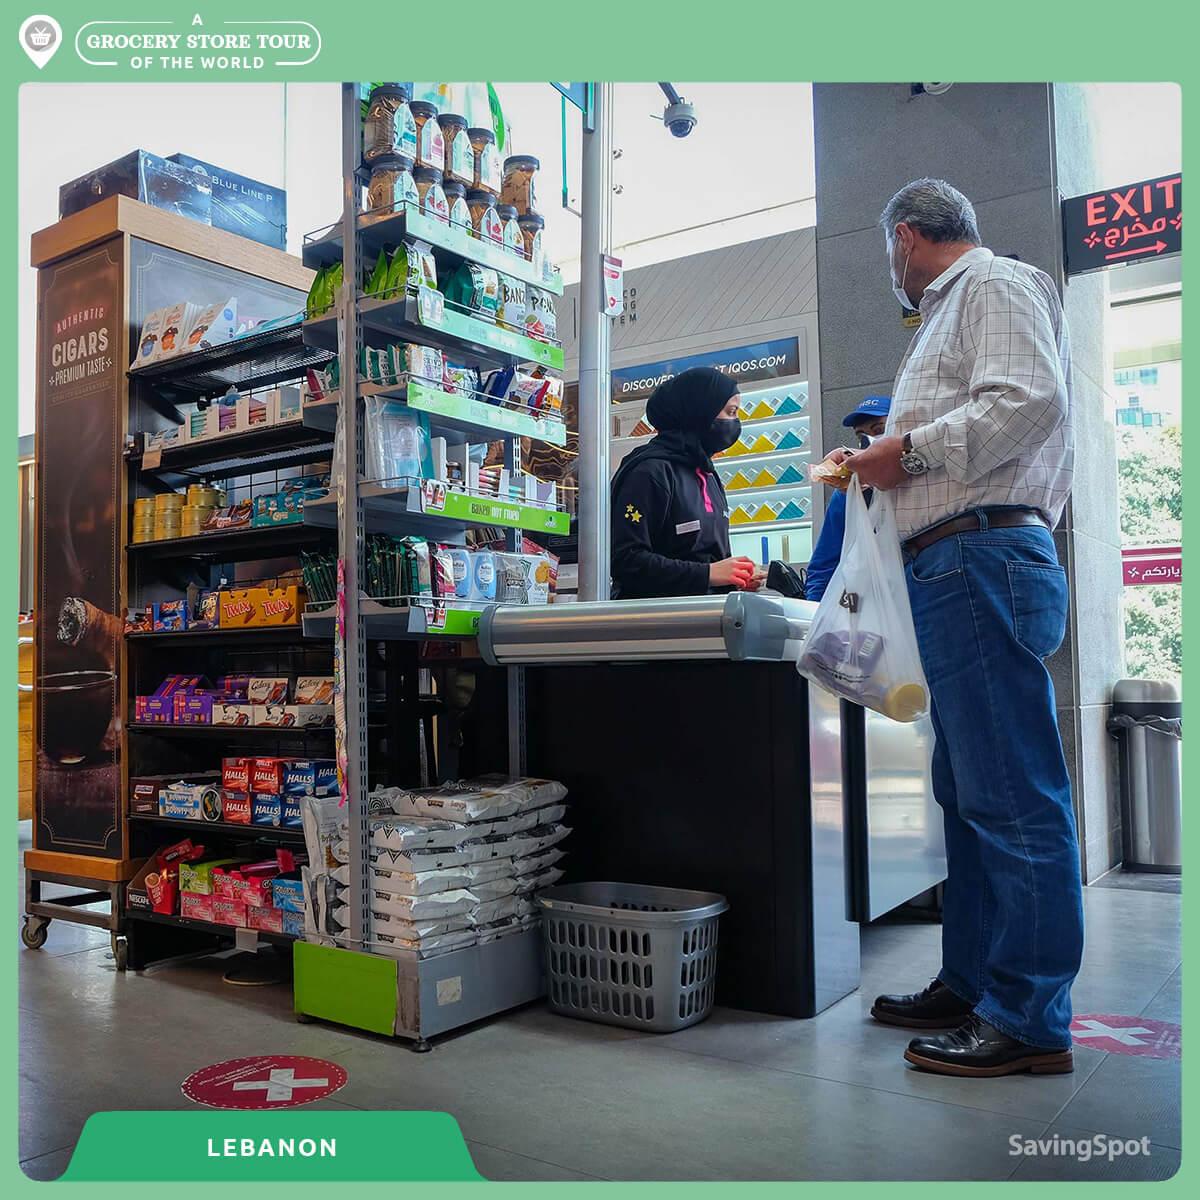 Τα ταμεία στον Λίβανο. Φωτογραφία: SavingSpot